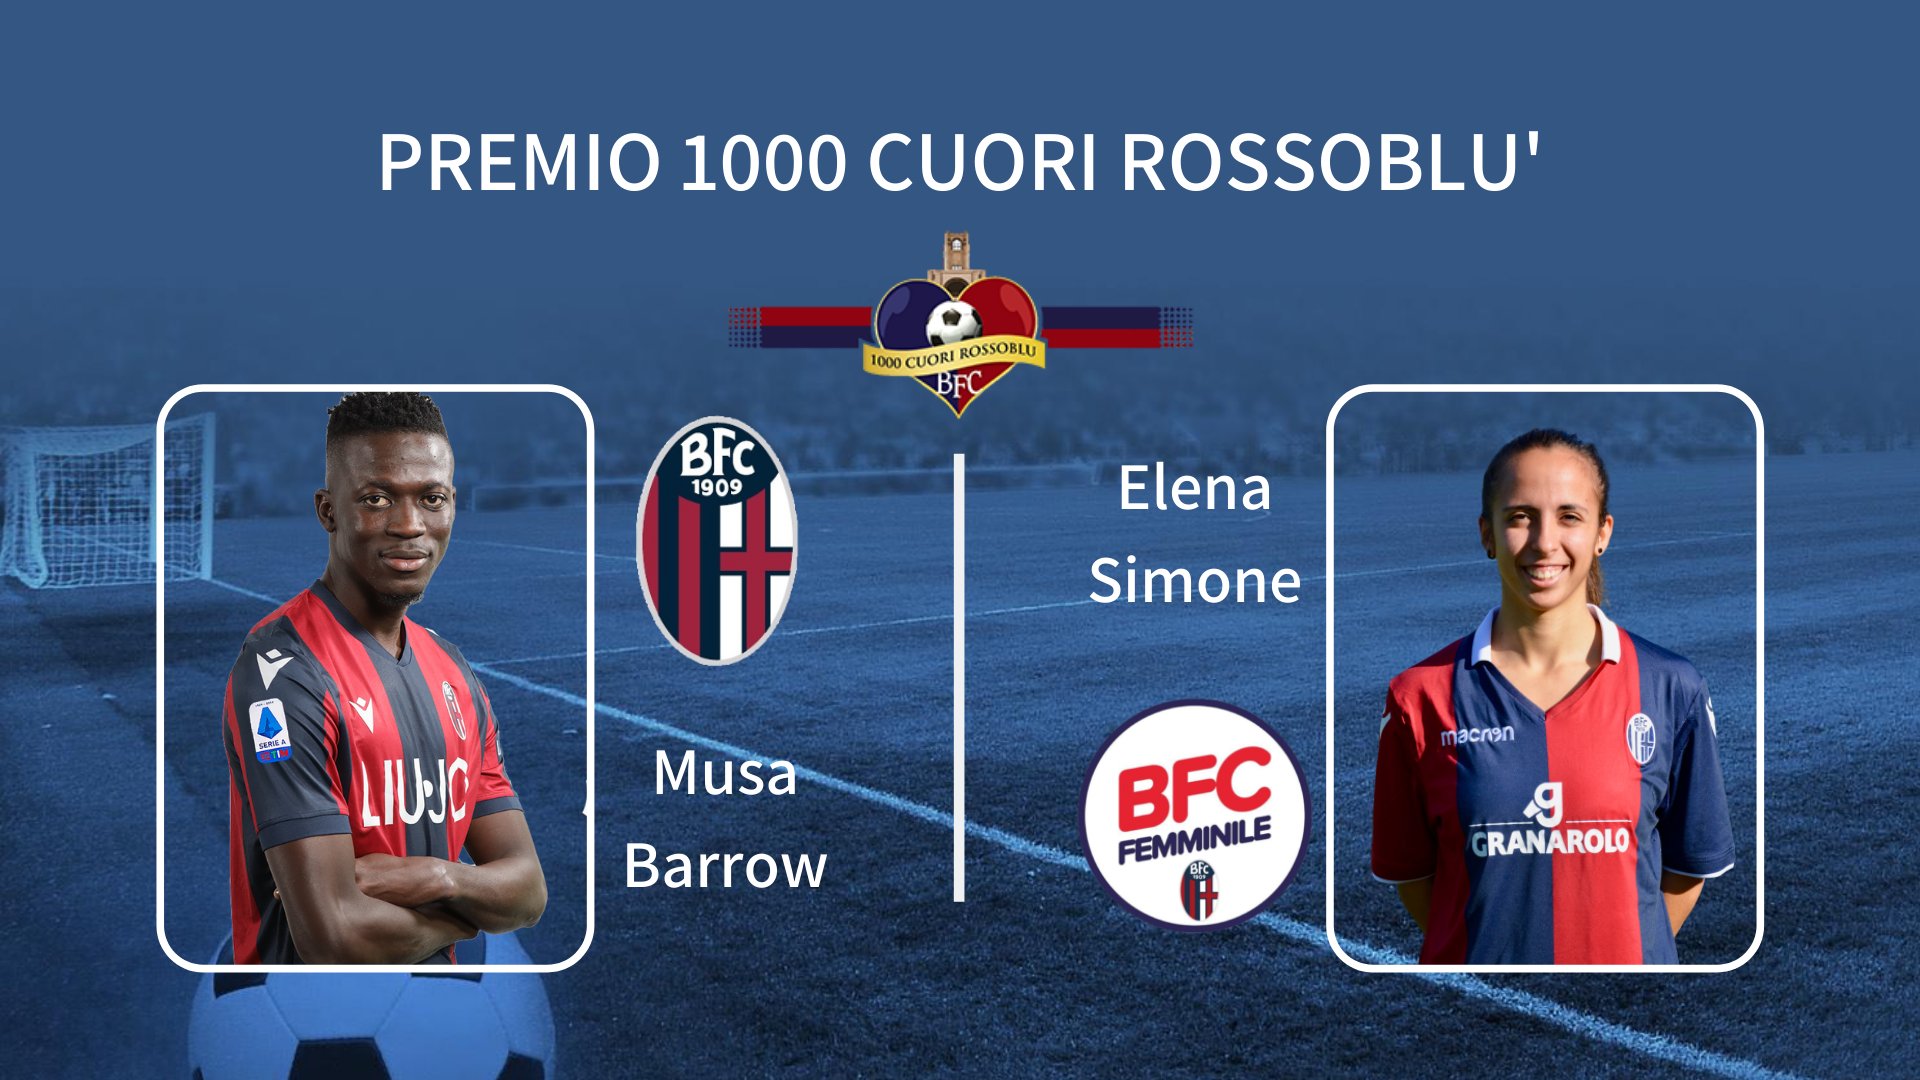 """Musa Barrow ed Elena Simone vincono il """"Premio 1000 Cuori Rossoblù"""""""